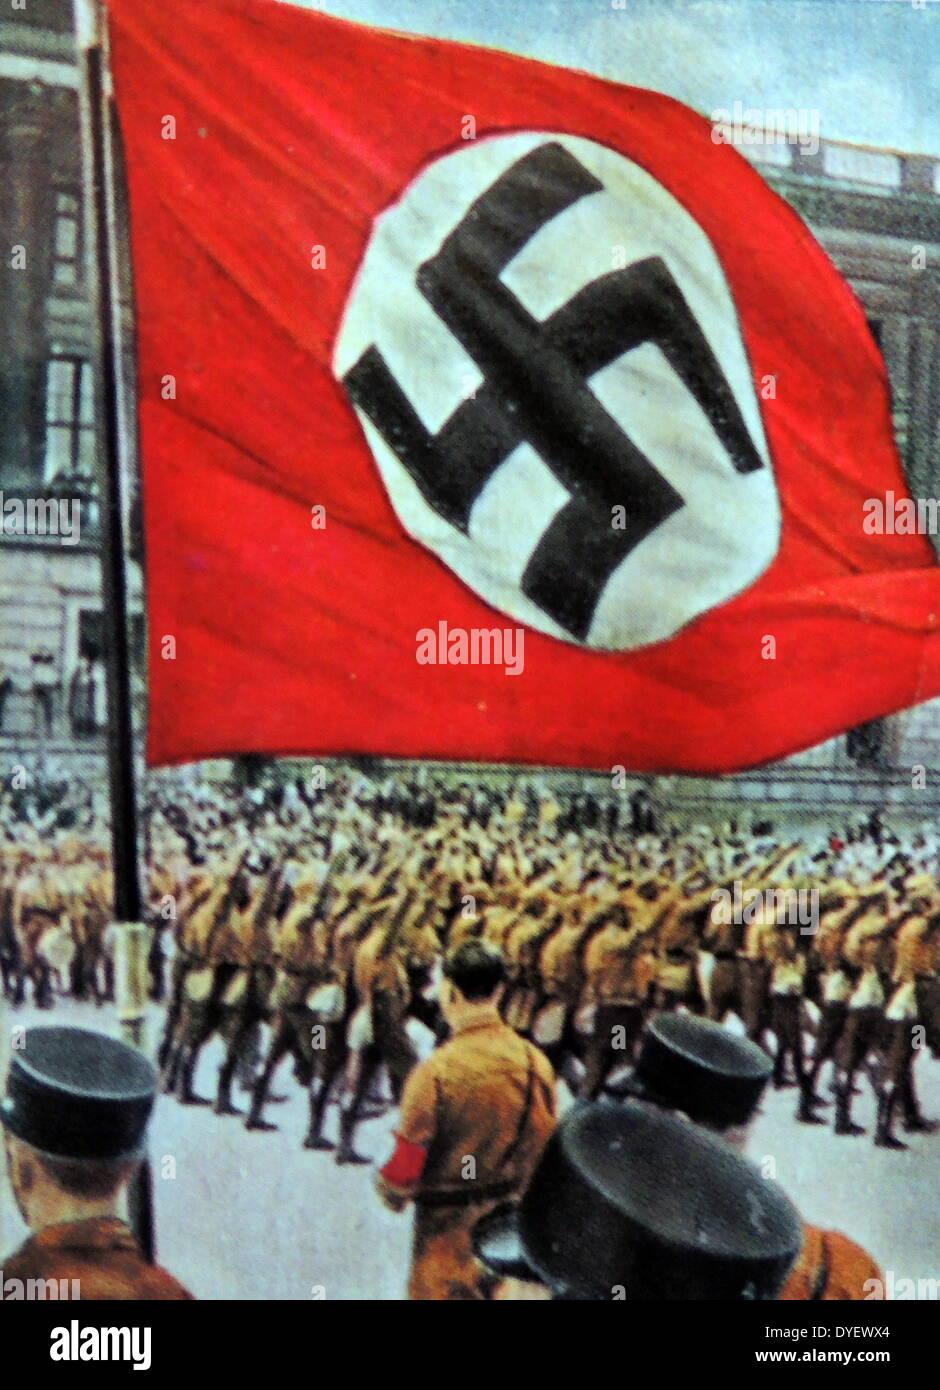 Brunswick Nazi rally circa 1933 - Stock Image